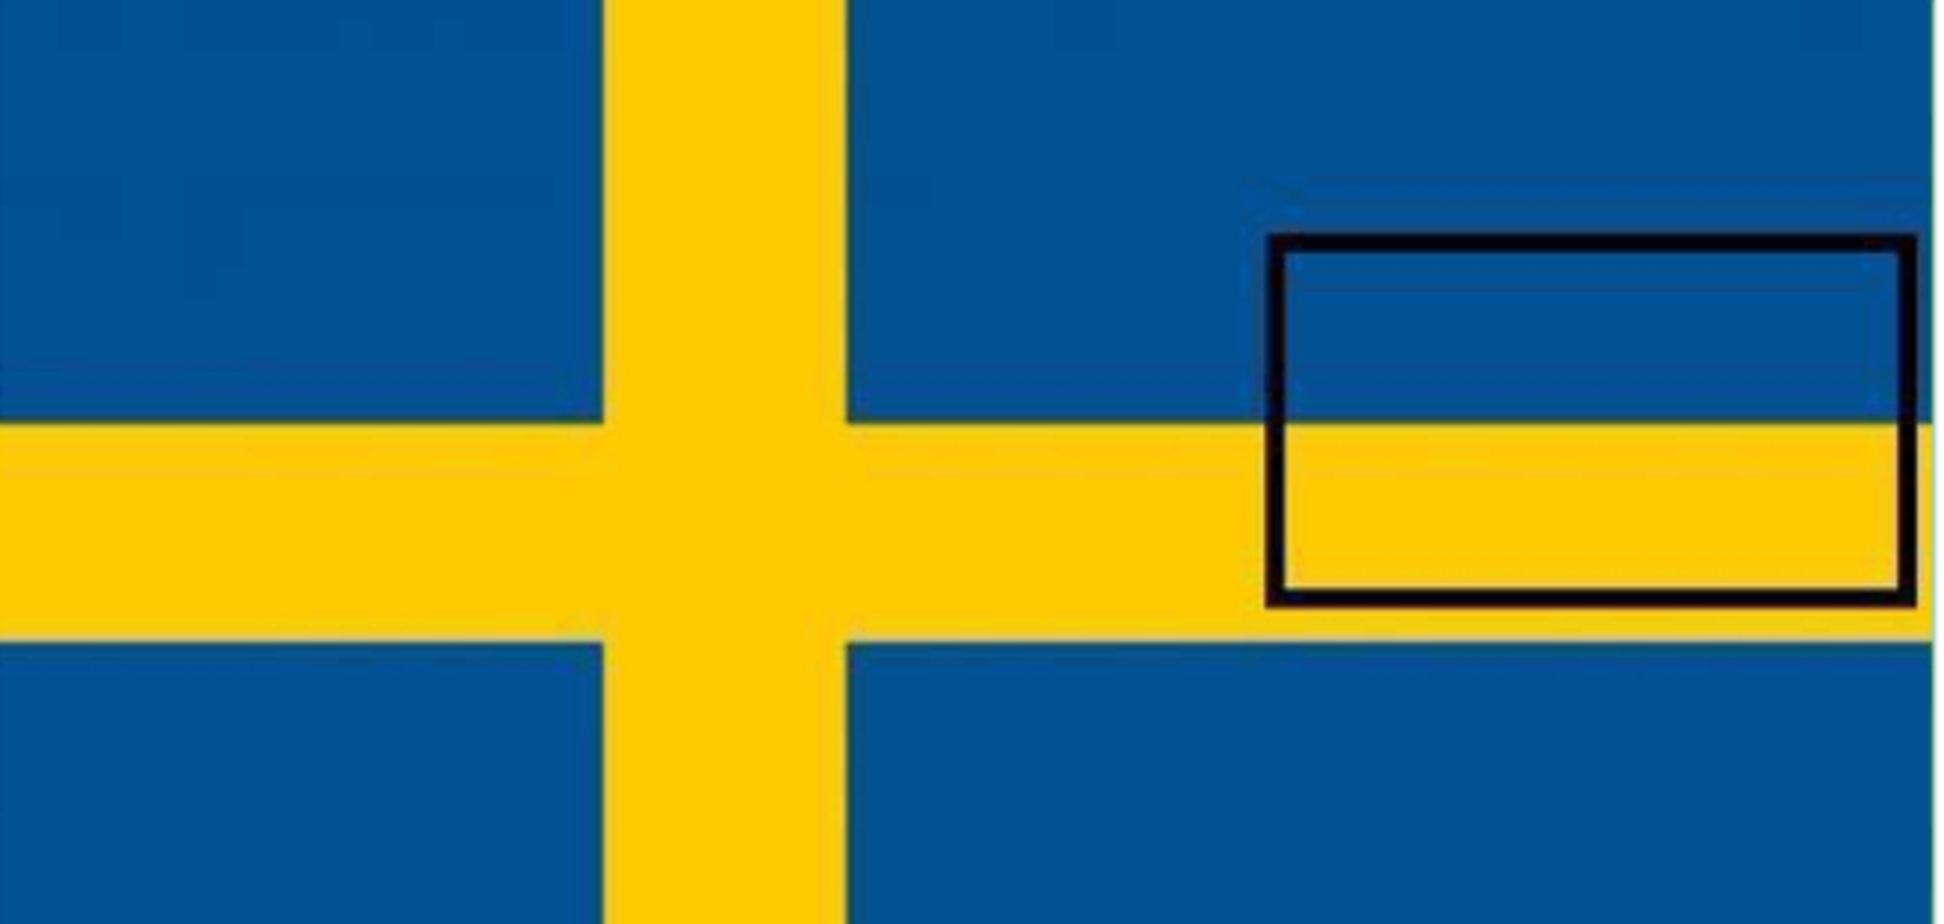 Спасибо шведу за победу! Соцсети троллят Россию за 'частичный успех' на 'Евровидении-2015'